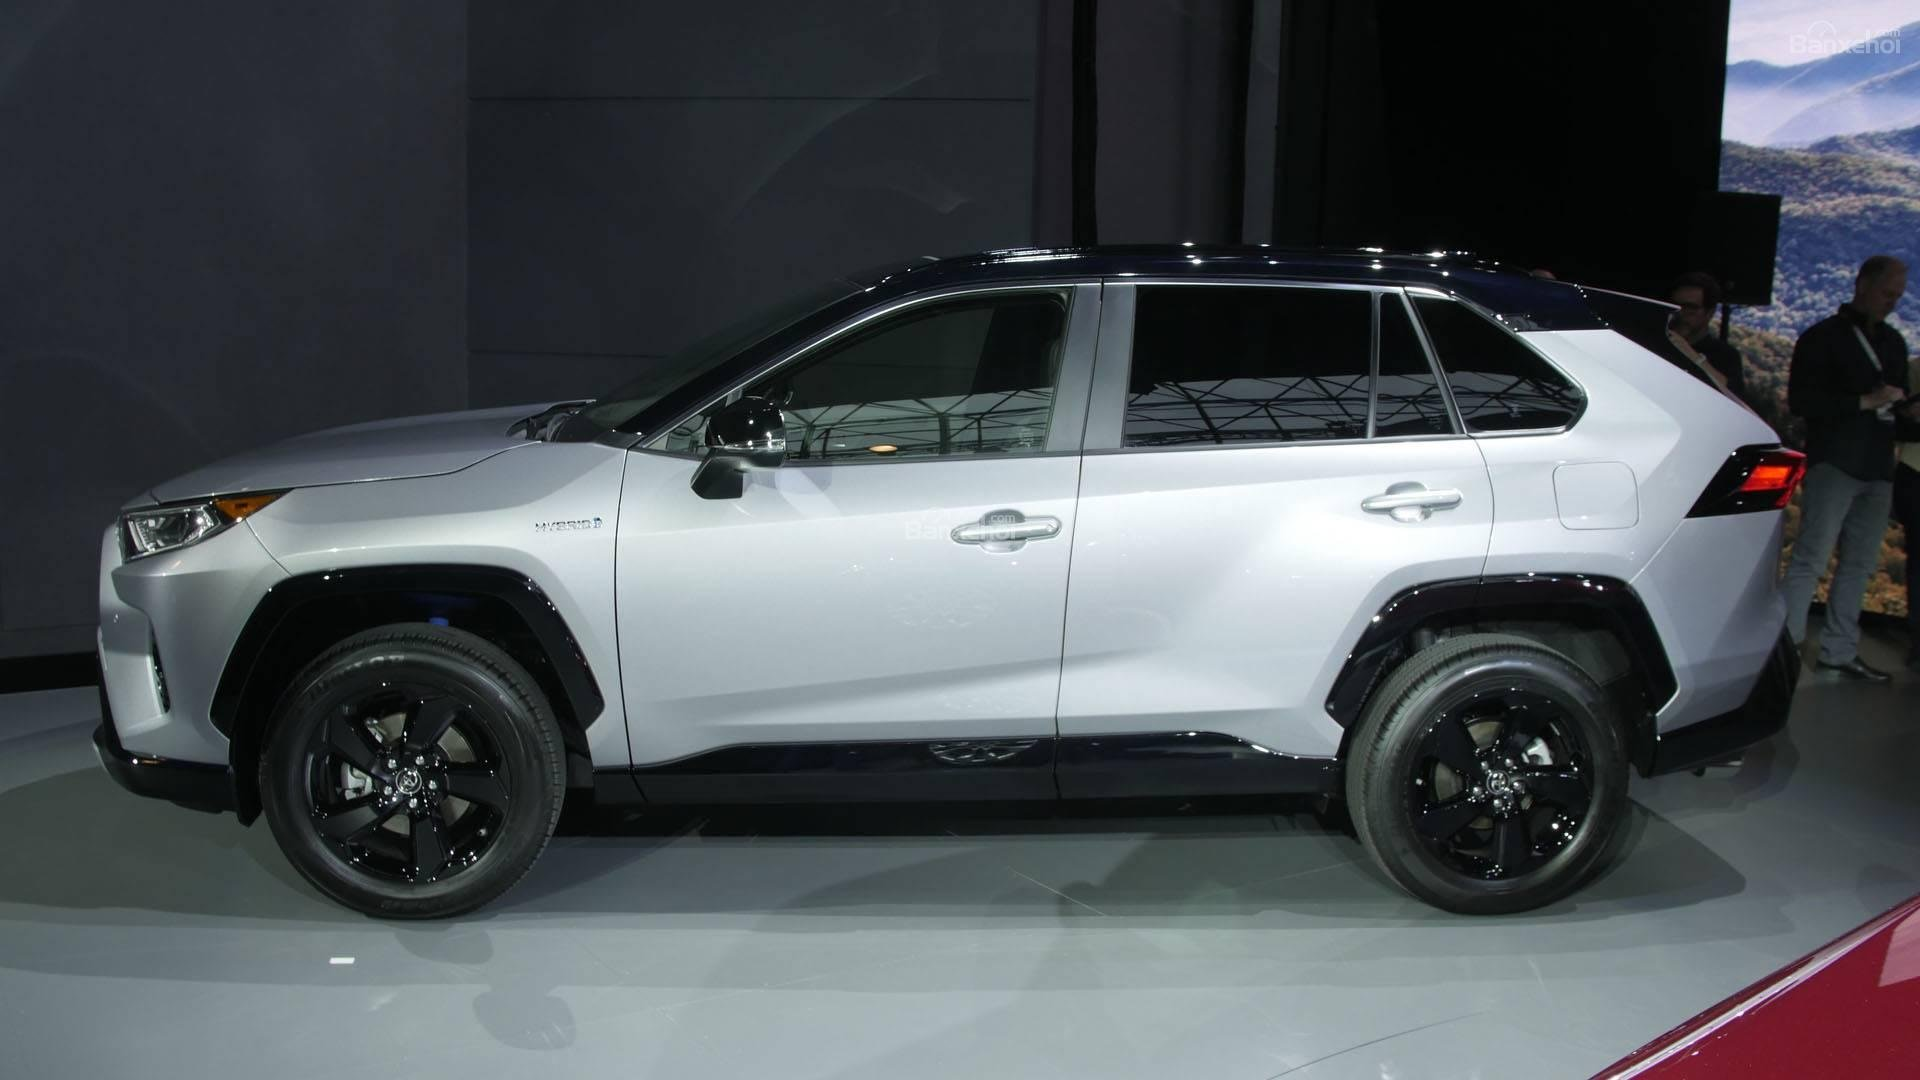 Đánh giá xe Toyota RAV4 2019 về thiết kế thân xe: Thân xe đồ sộ hơn 2